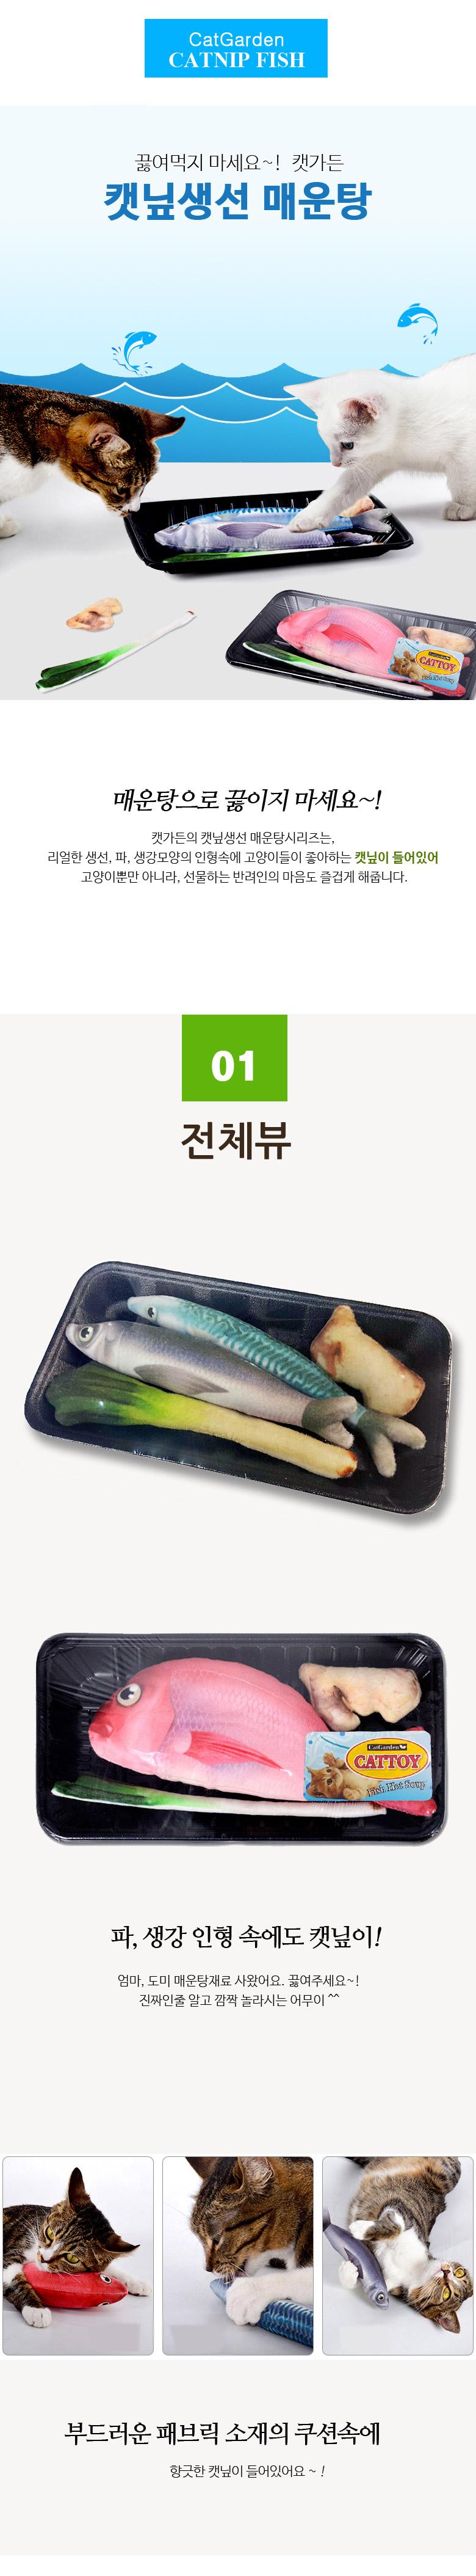 캣가든 캣닢 생선매운탕 도미 - 캣가든, 4,750원, 장난감/스크래쳐, 장난감